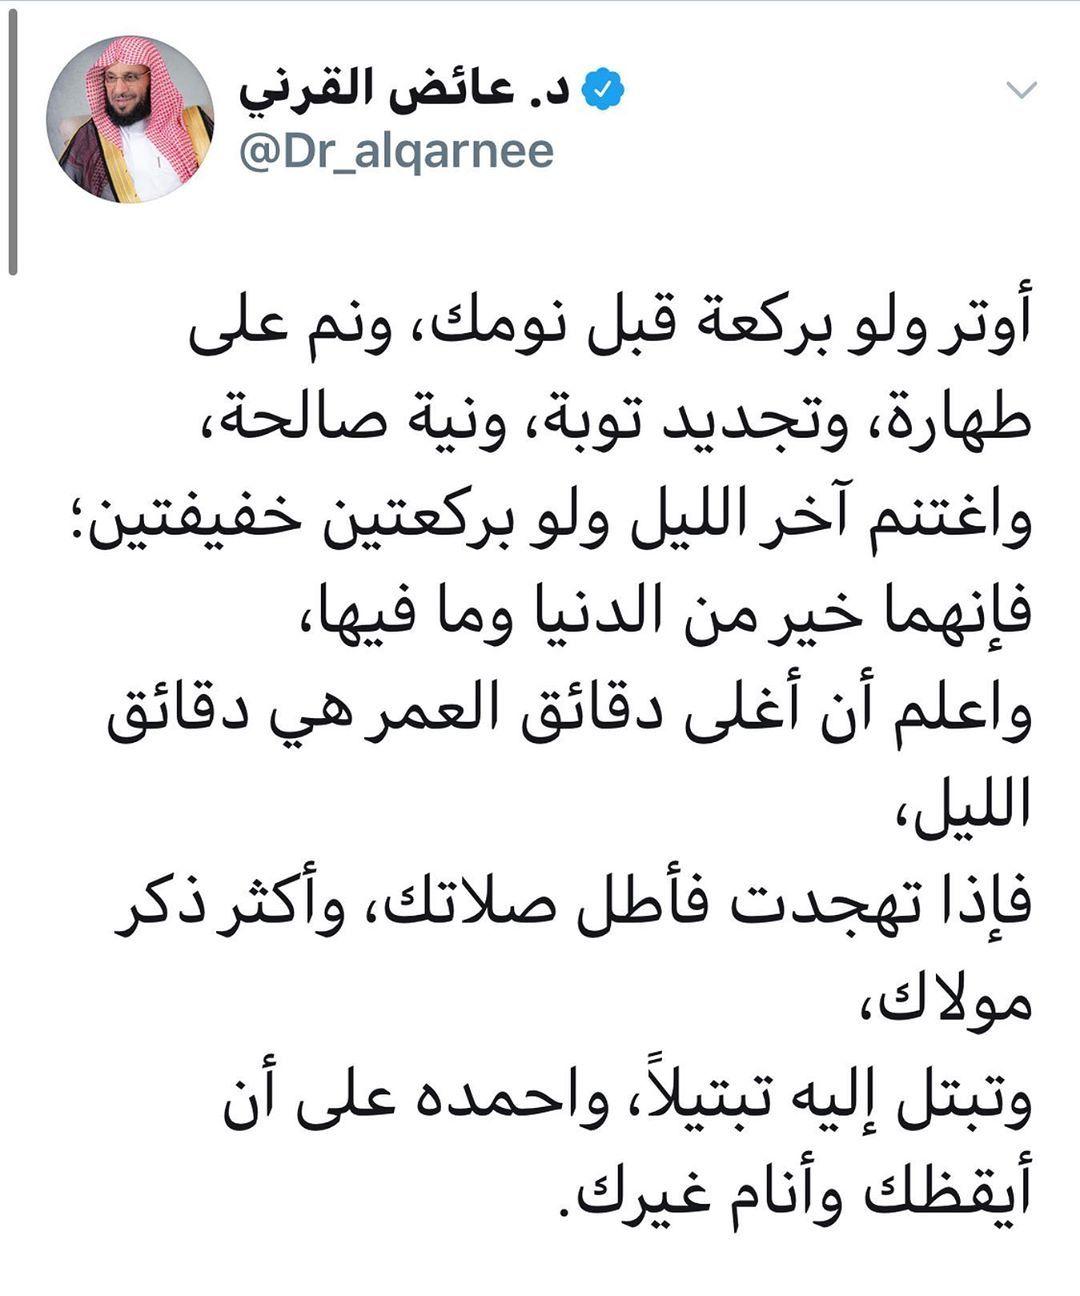 د عائض القرني Dr Qarnee Added A Photo To Their Instagram Account أوتر ولو بركعة قبل نومك ونم على طهارة وت Quotes Islamic Quotes Word Search Puzzle